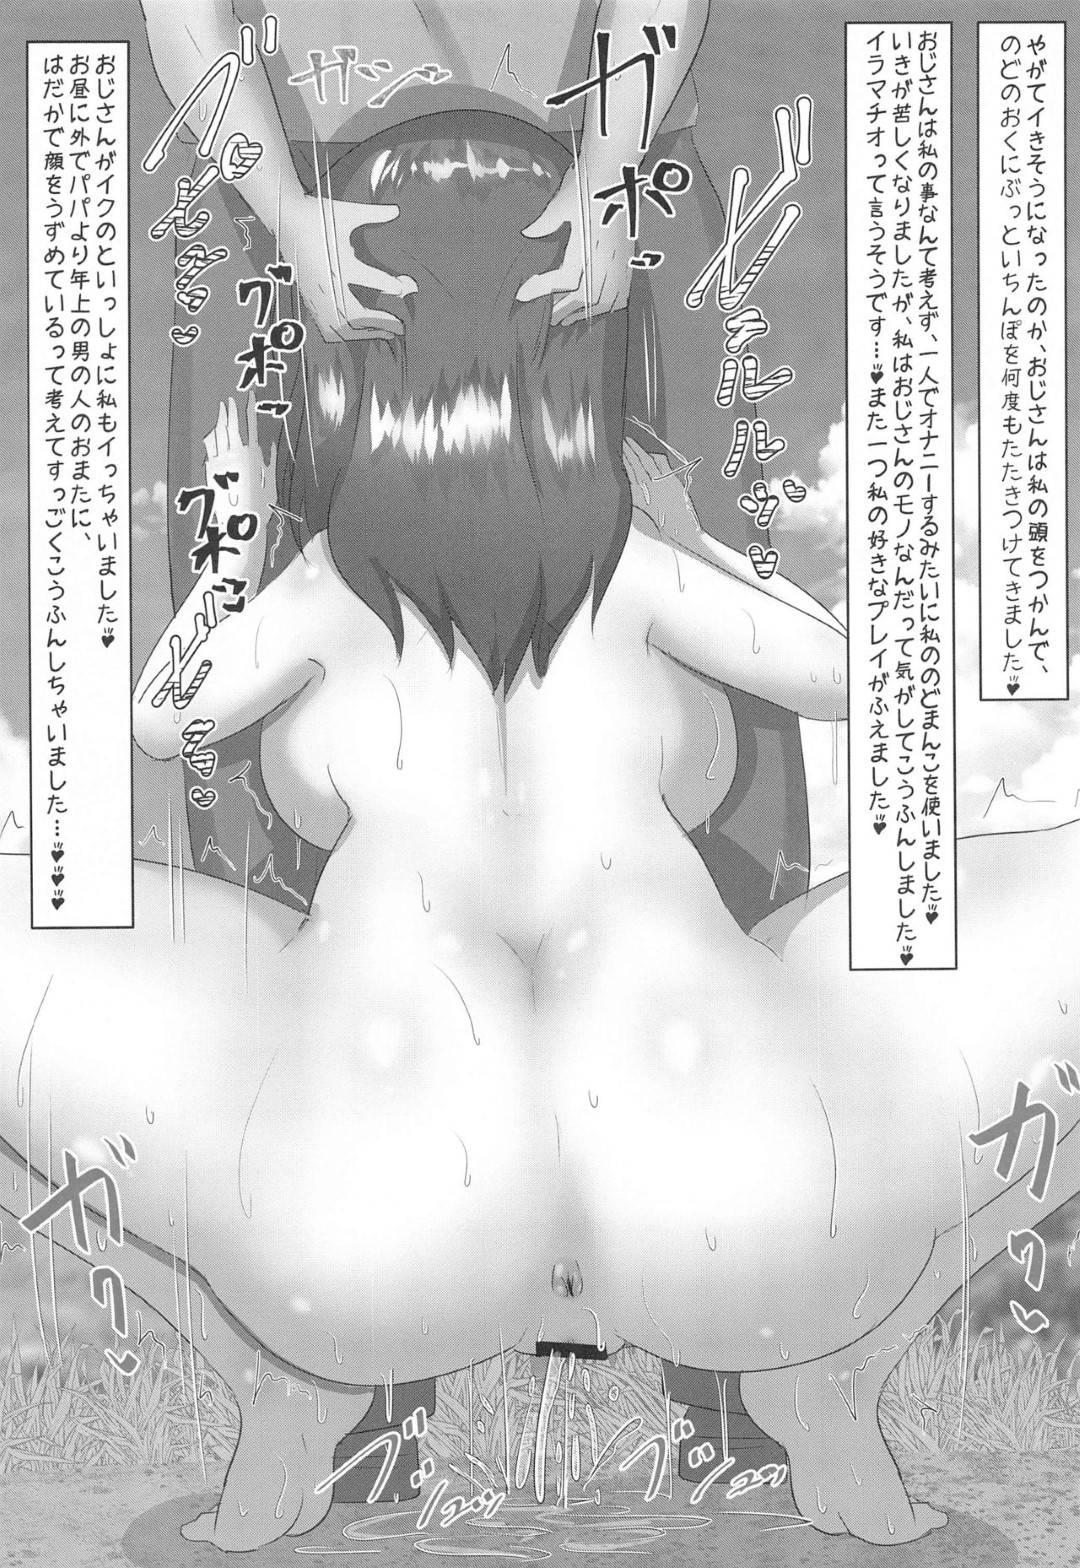 【エロ漫画】露出デートしちゃうど変態なセクシーな小学生…お漏らししたりフェラしてバックの中出しセックスでど変態なトロ顔になっちゃう!【pikeる:蛍ちゃんと露出デートしてみた。】